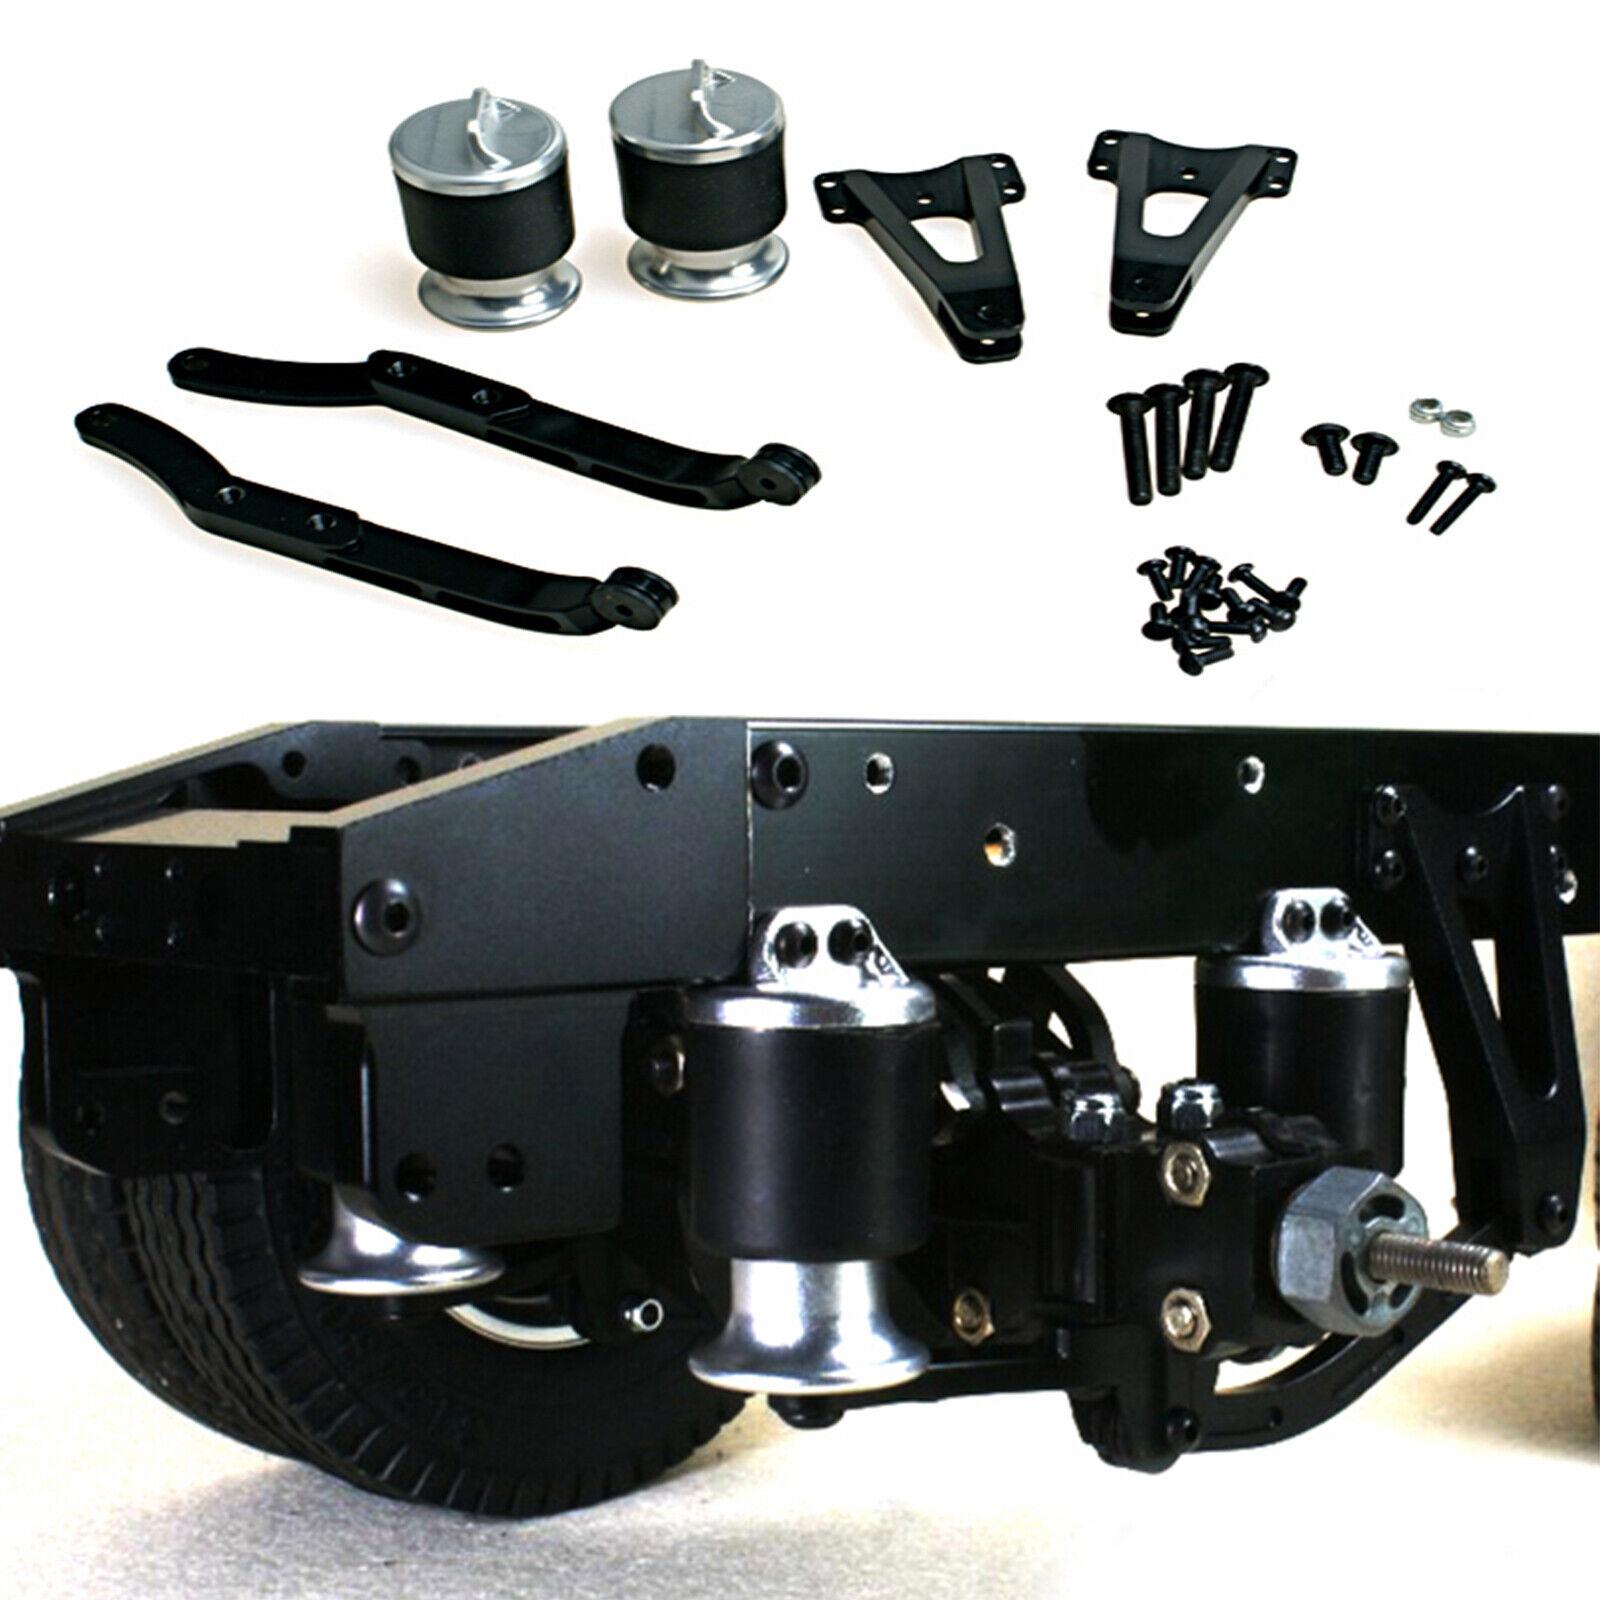 LESU Metal Conjunto de suspensión neumática para 1 14 TAMIYA Radio Control Coche Modelo De Camión Tractor